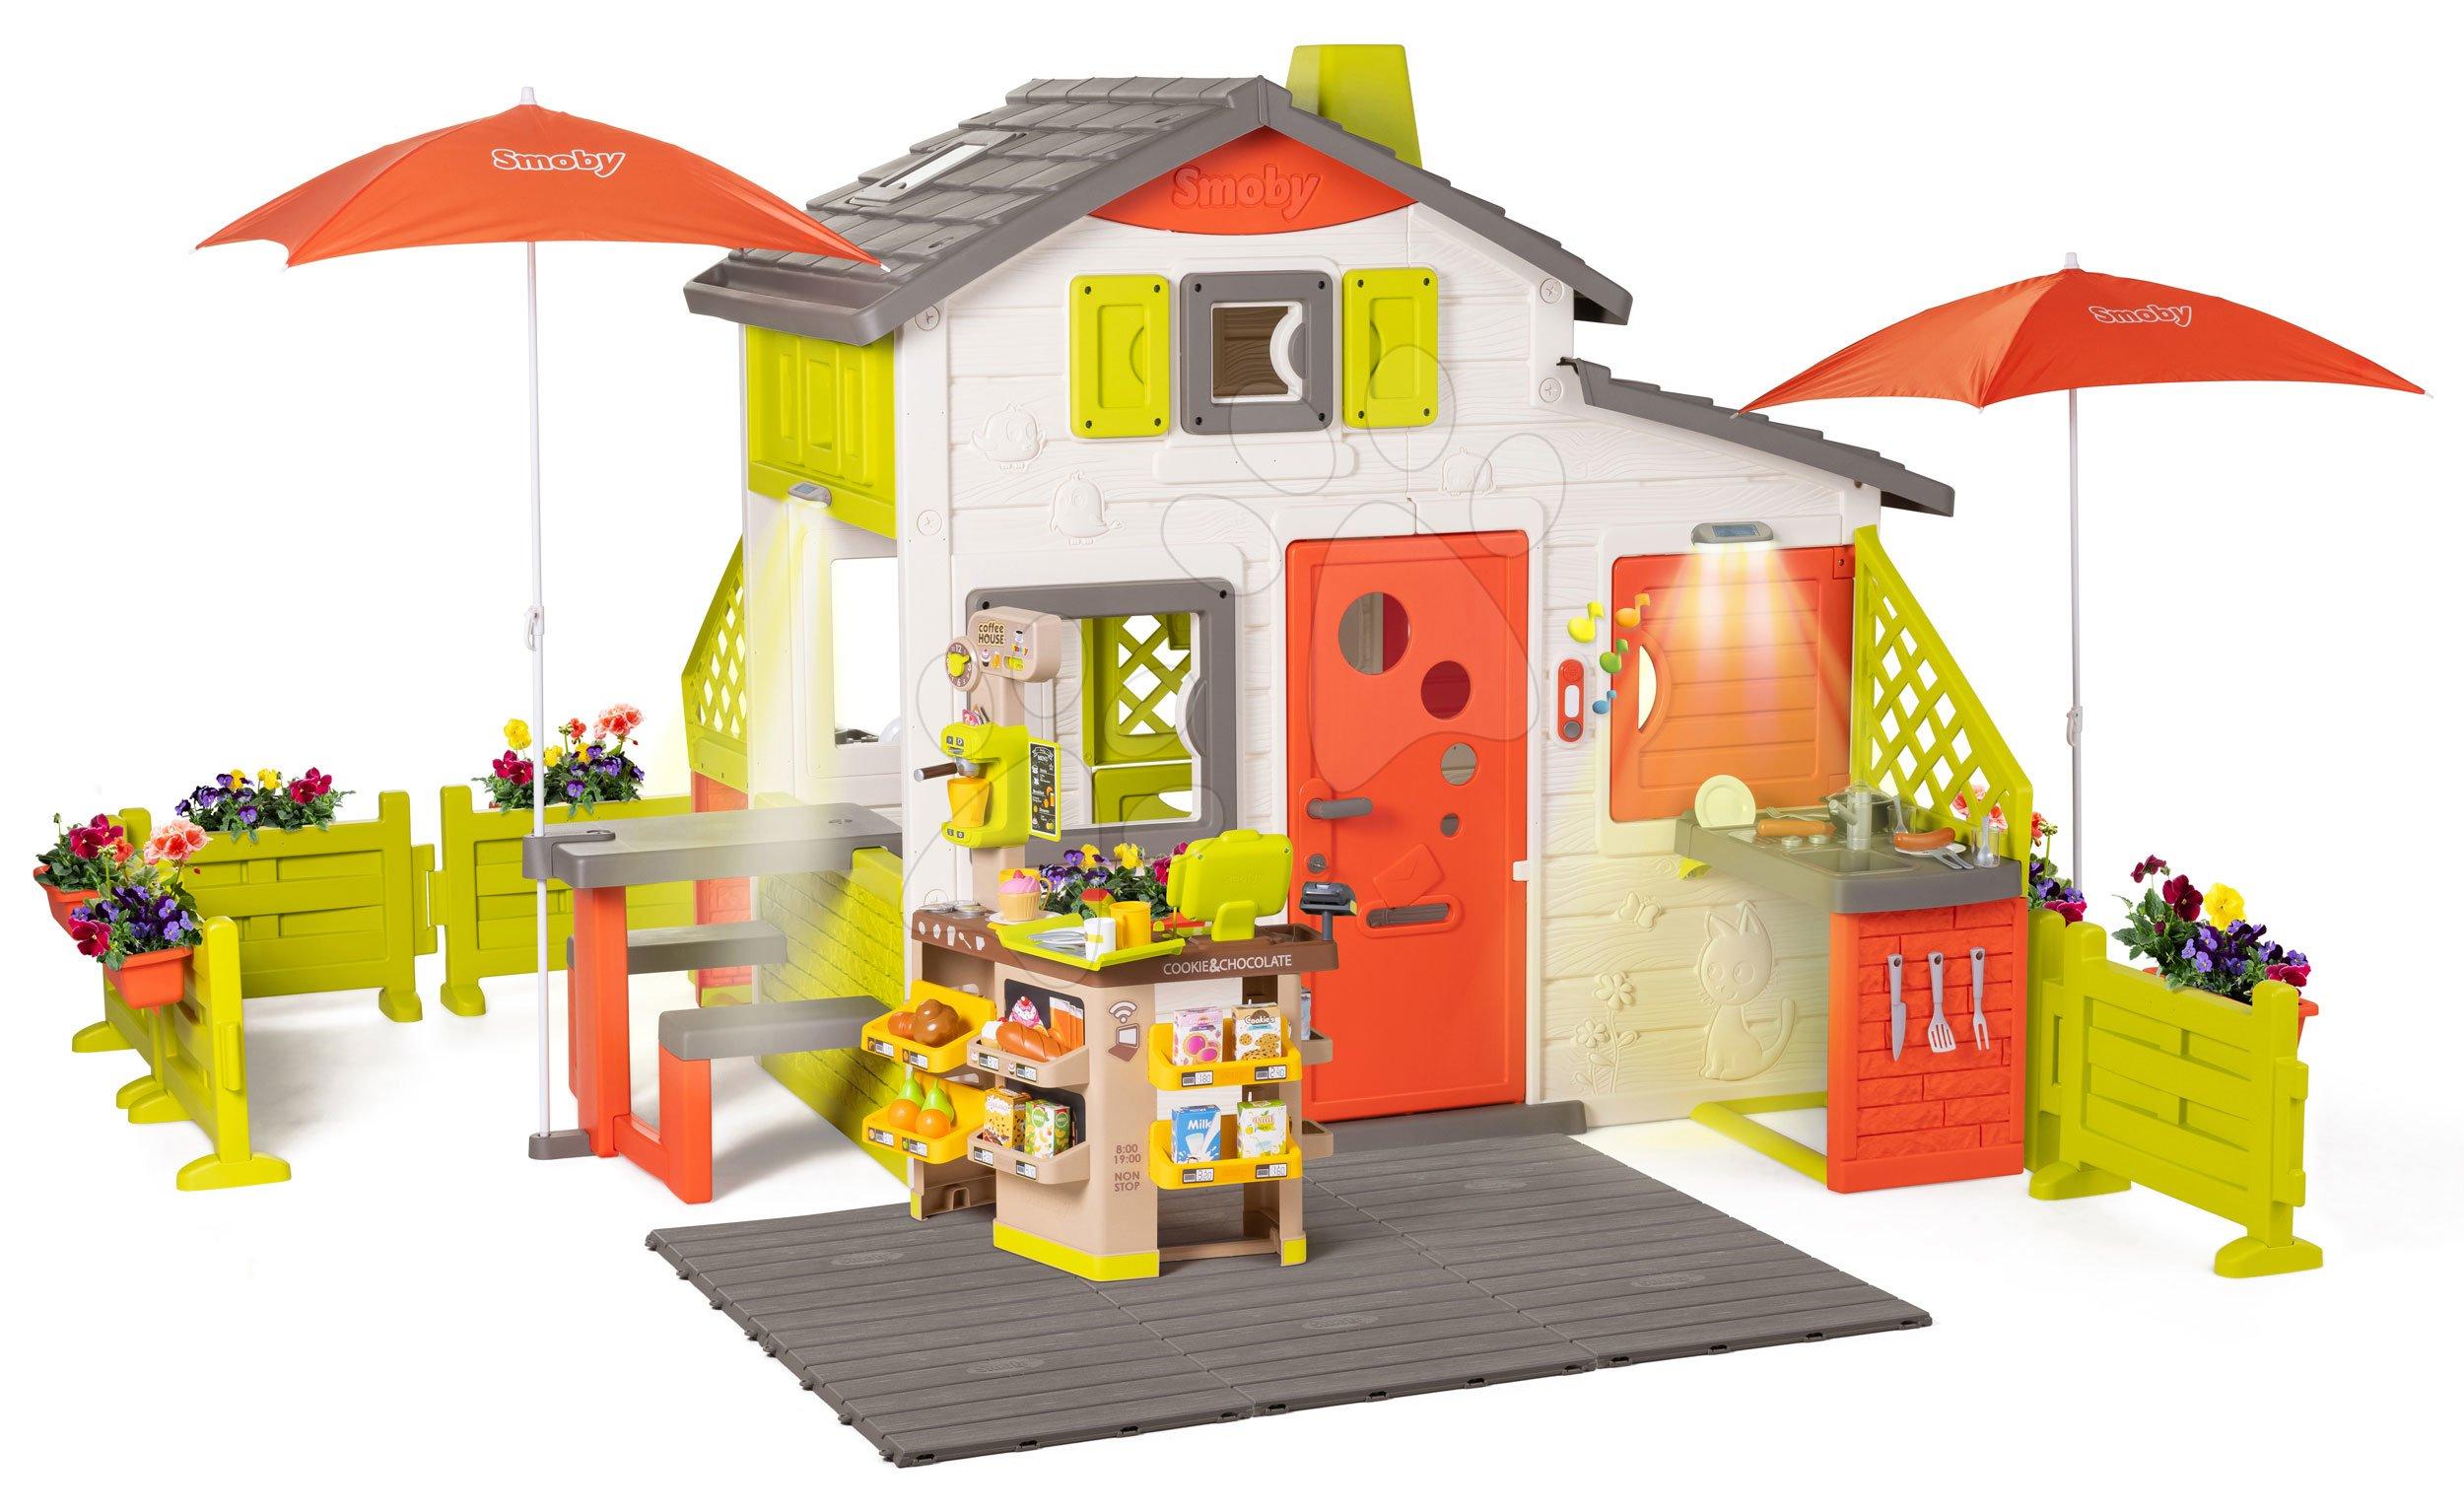 Domček Neo Friends House DeLuxe Smoby s Bio kaviarňou a kuchynka s jedálenským kútikom pod slnečníkmi SM810211-P